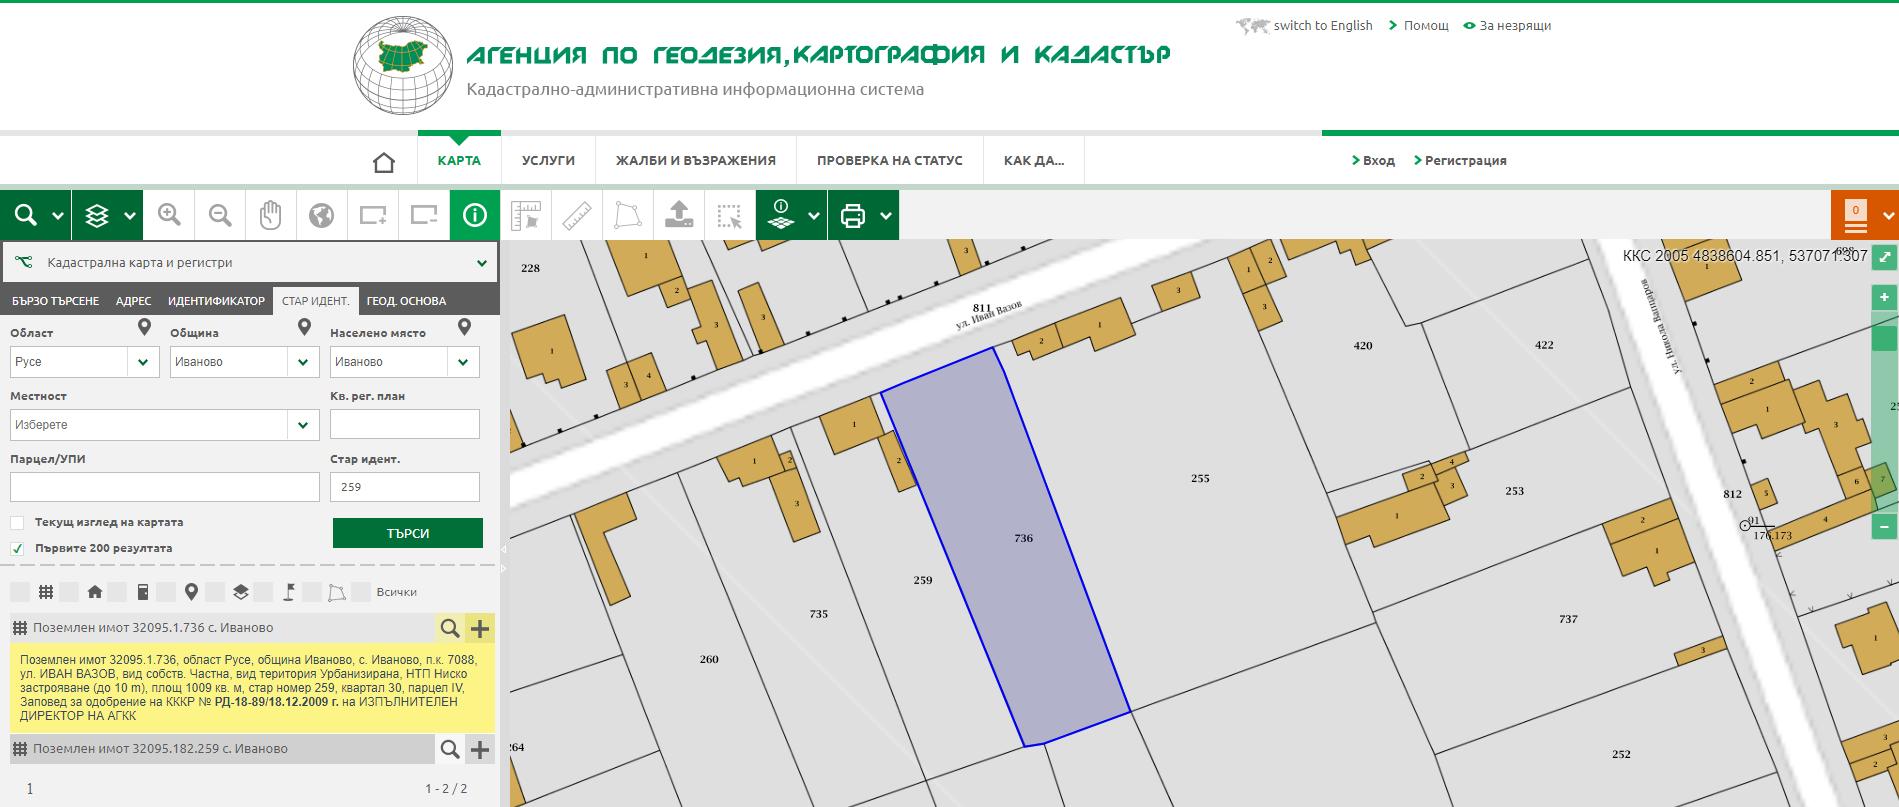 Парцел, с. Иваново, 15 000лв